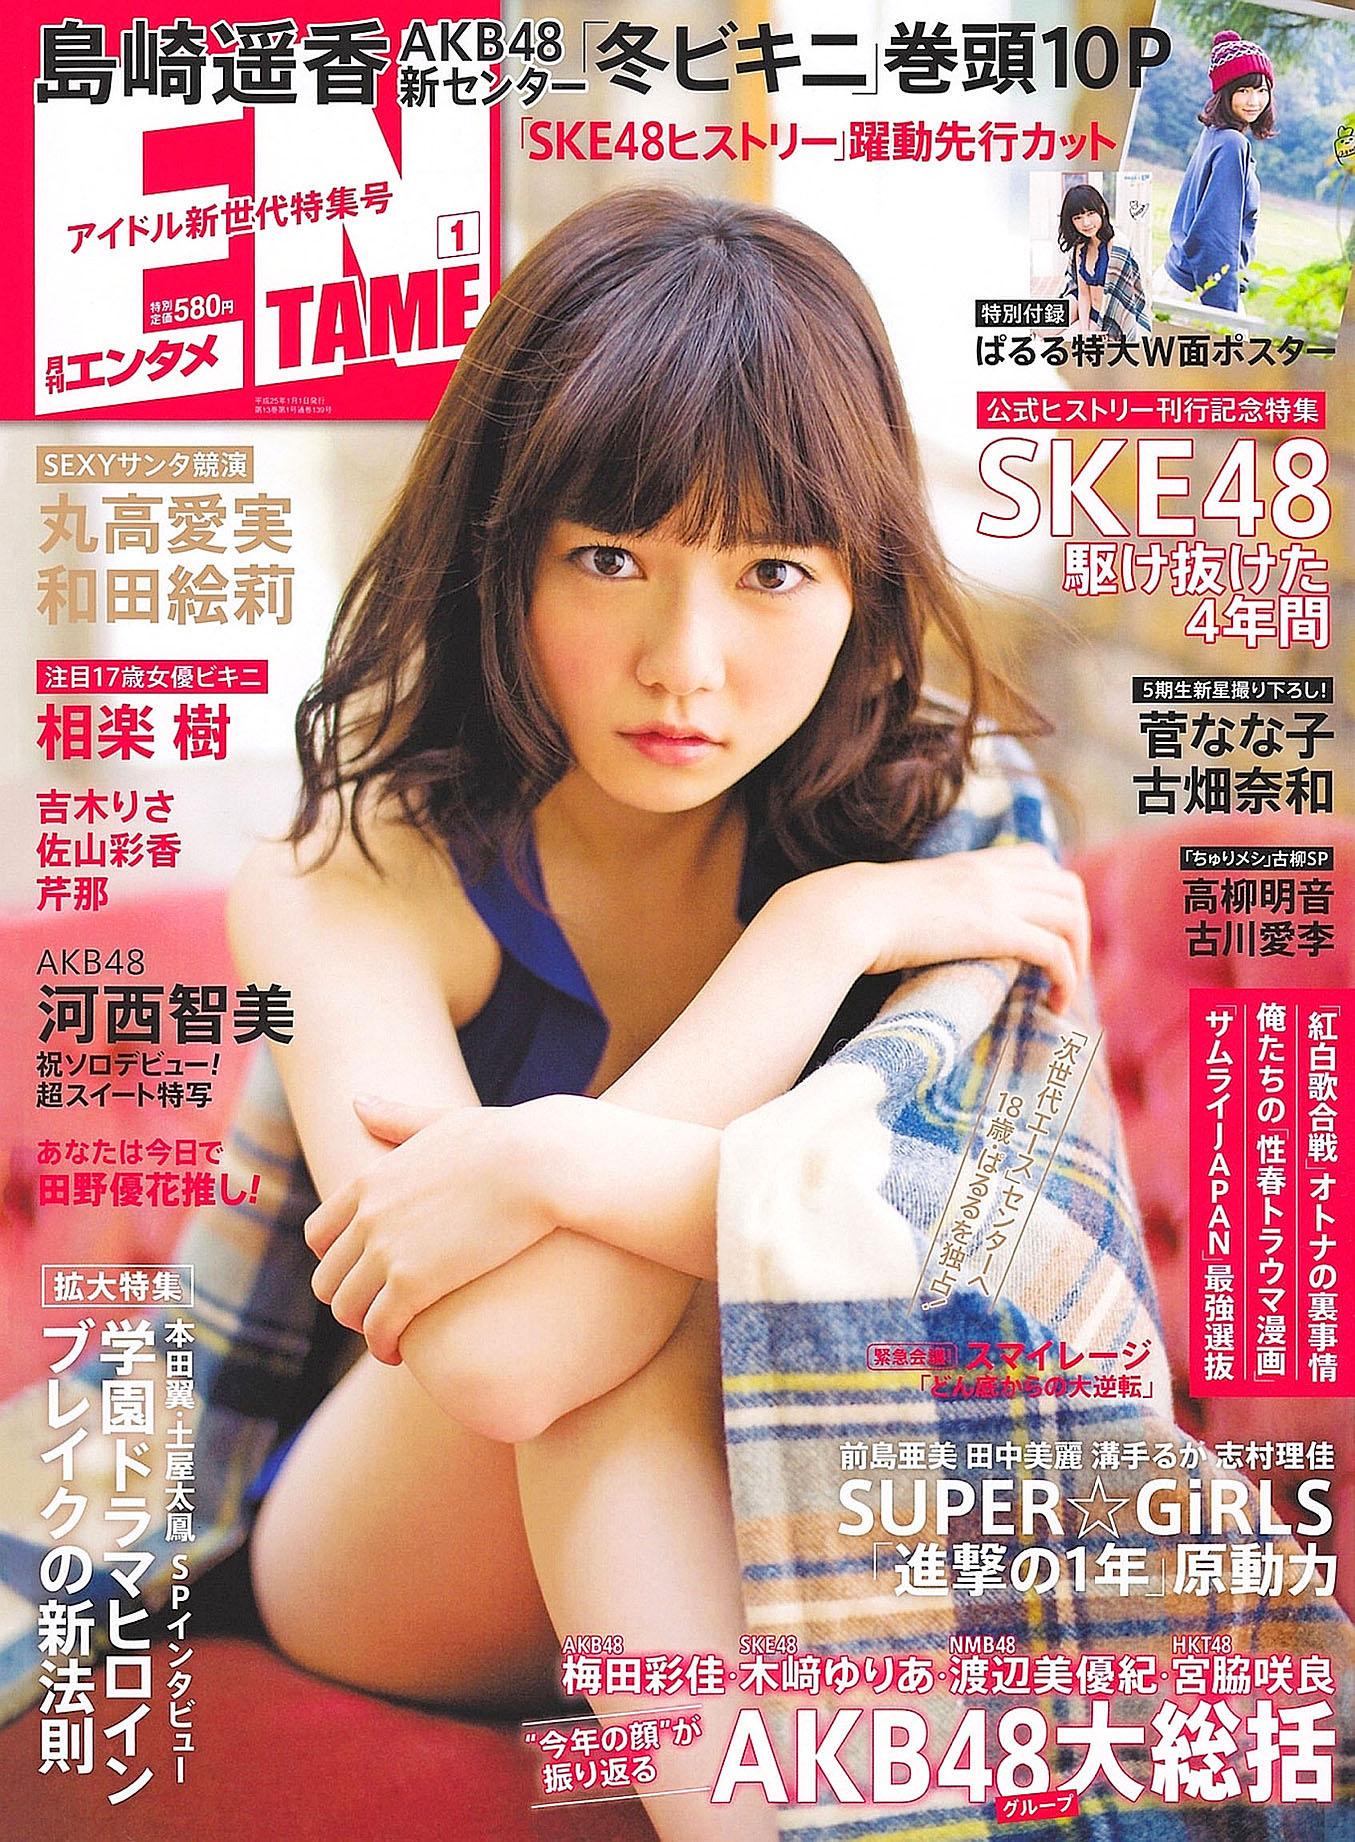 HShimazaki EnTame 1301 01.jpg